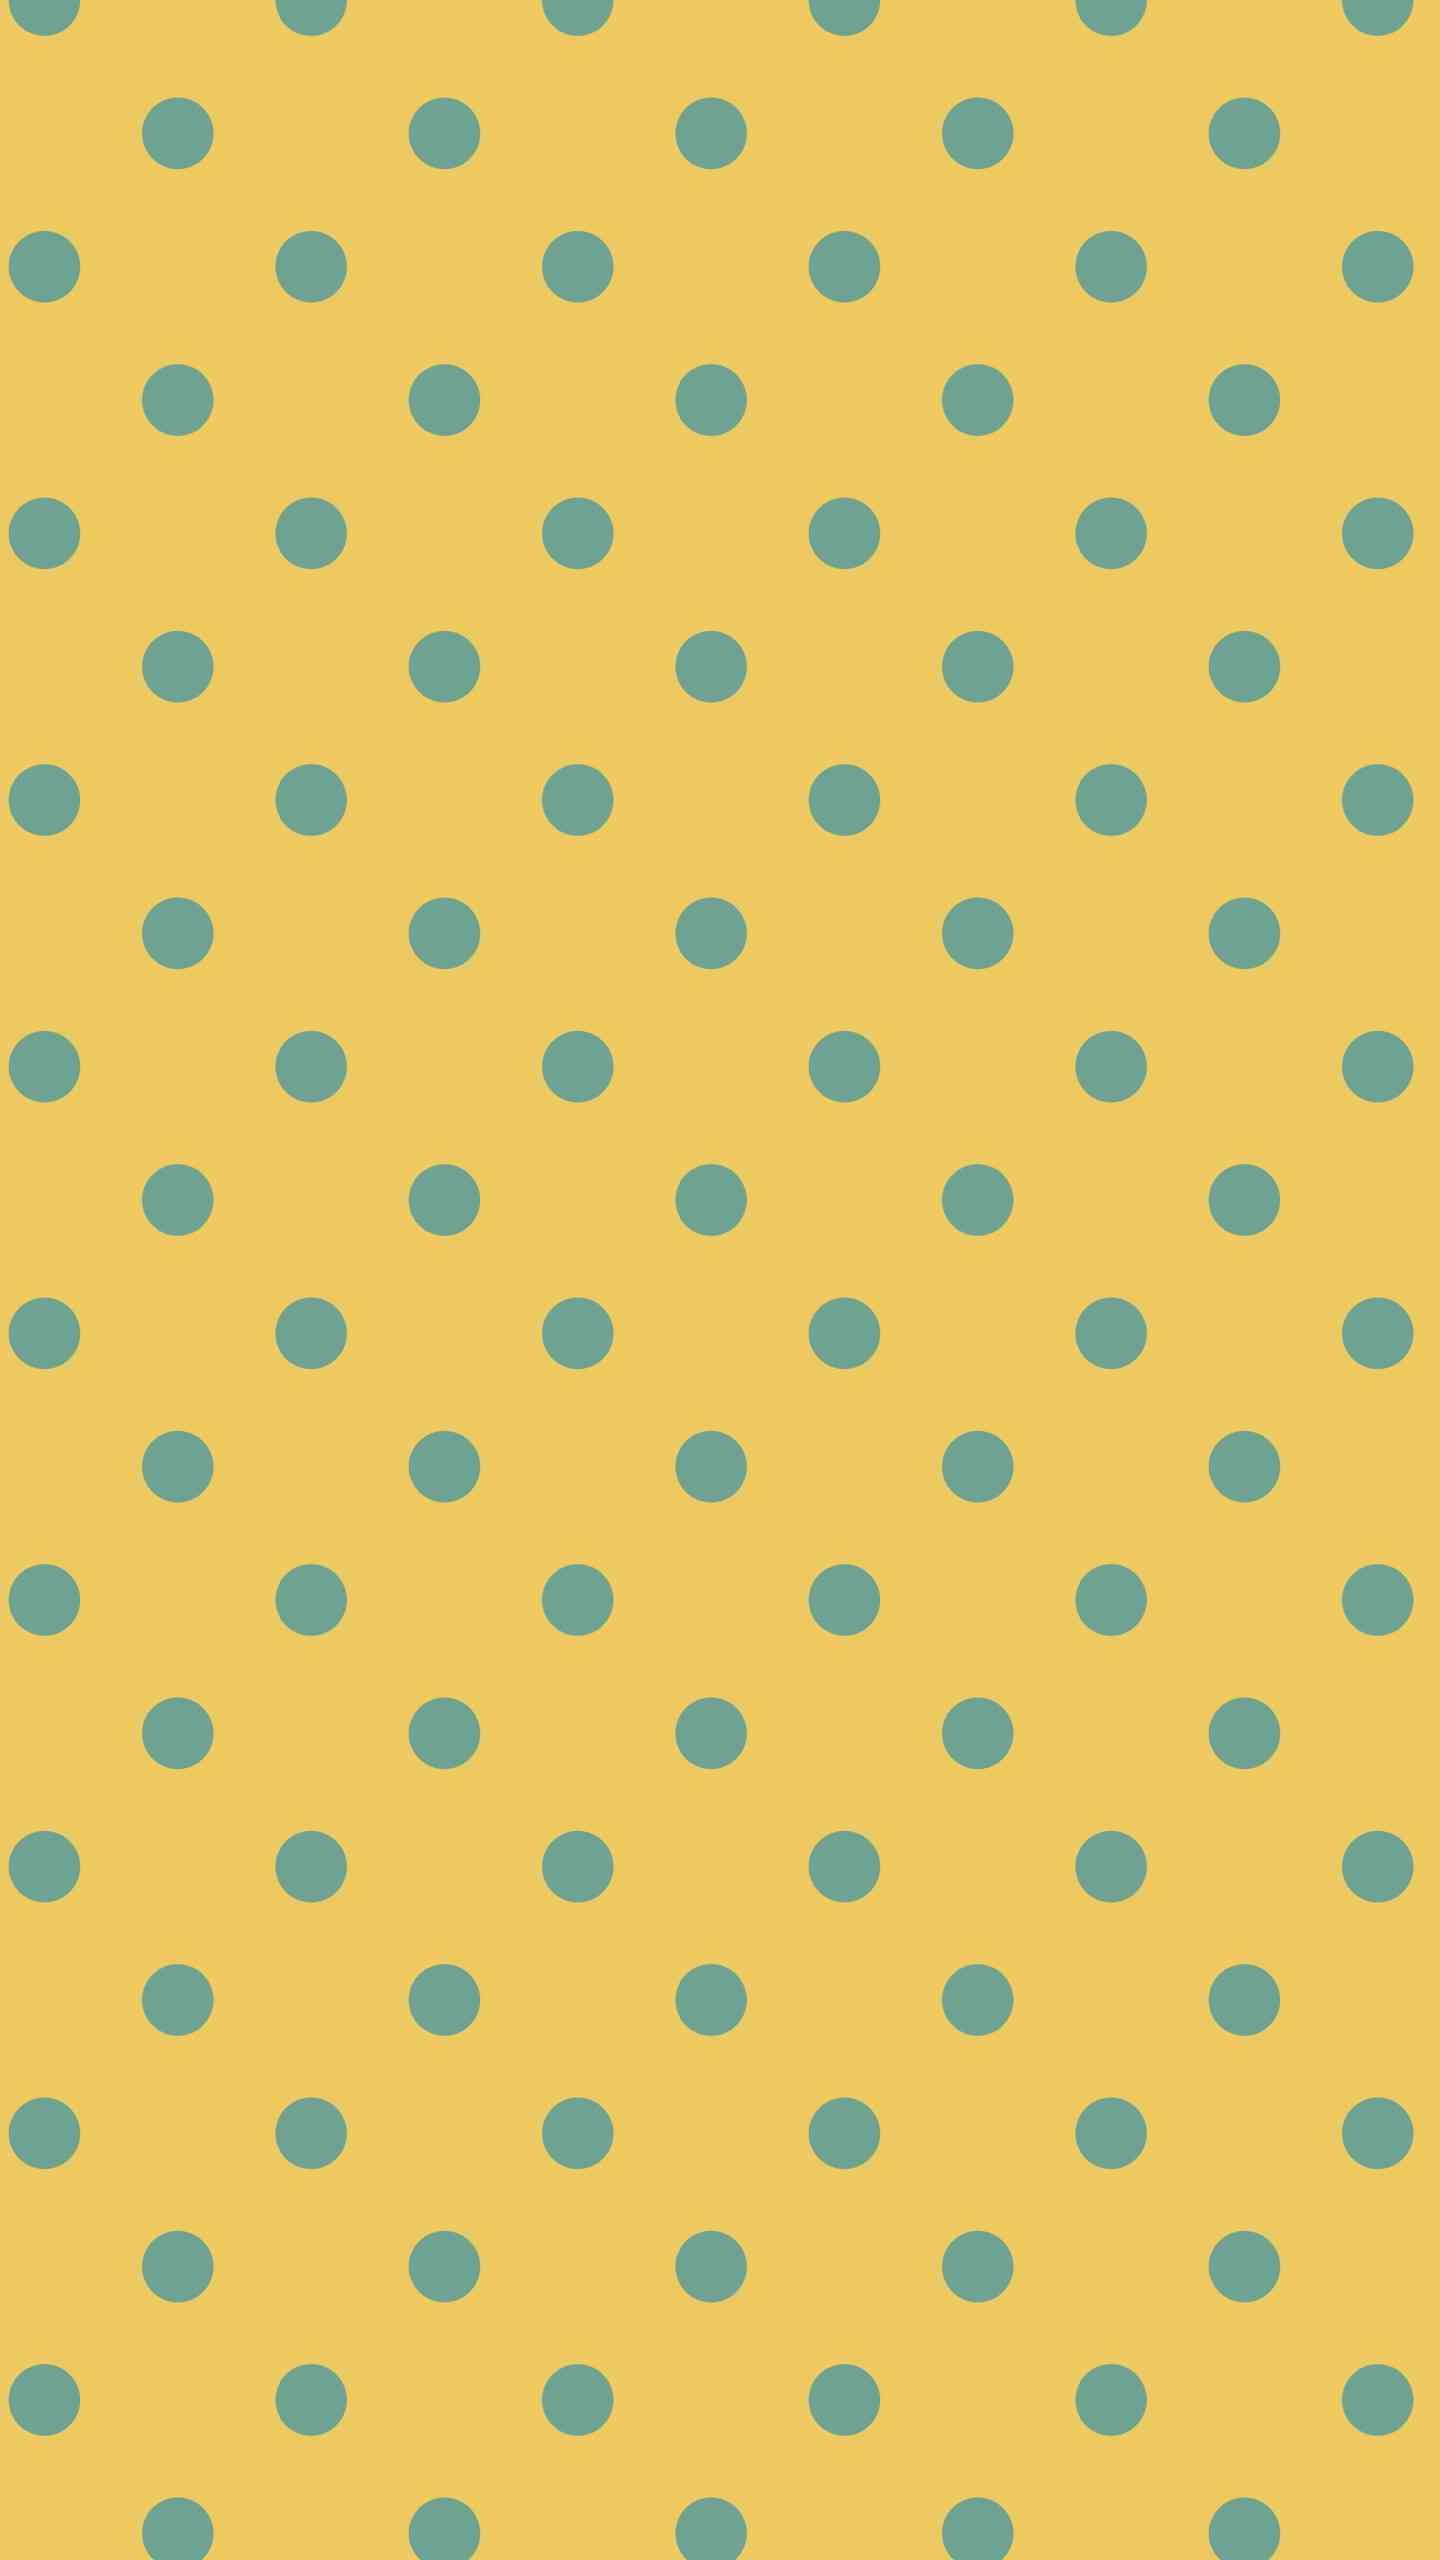 Download 94 Koleksi Wallpaper Kuning Gratis